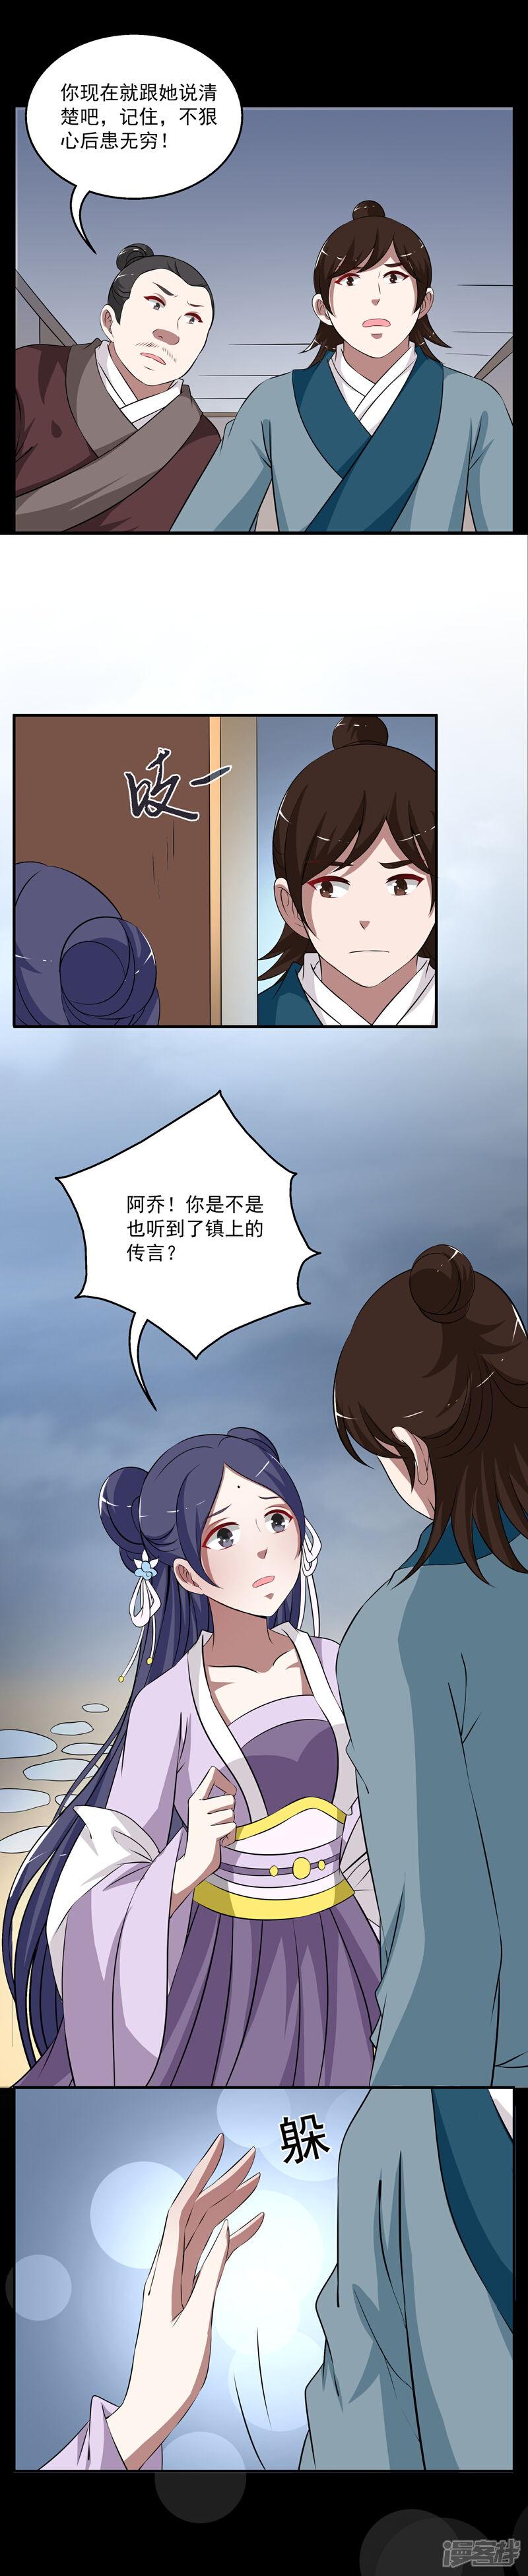 洛小妖193 (7).JPG